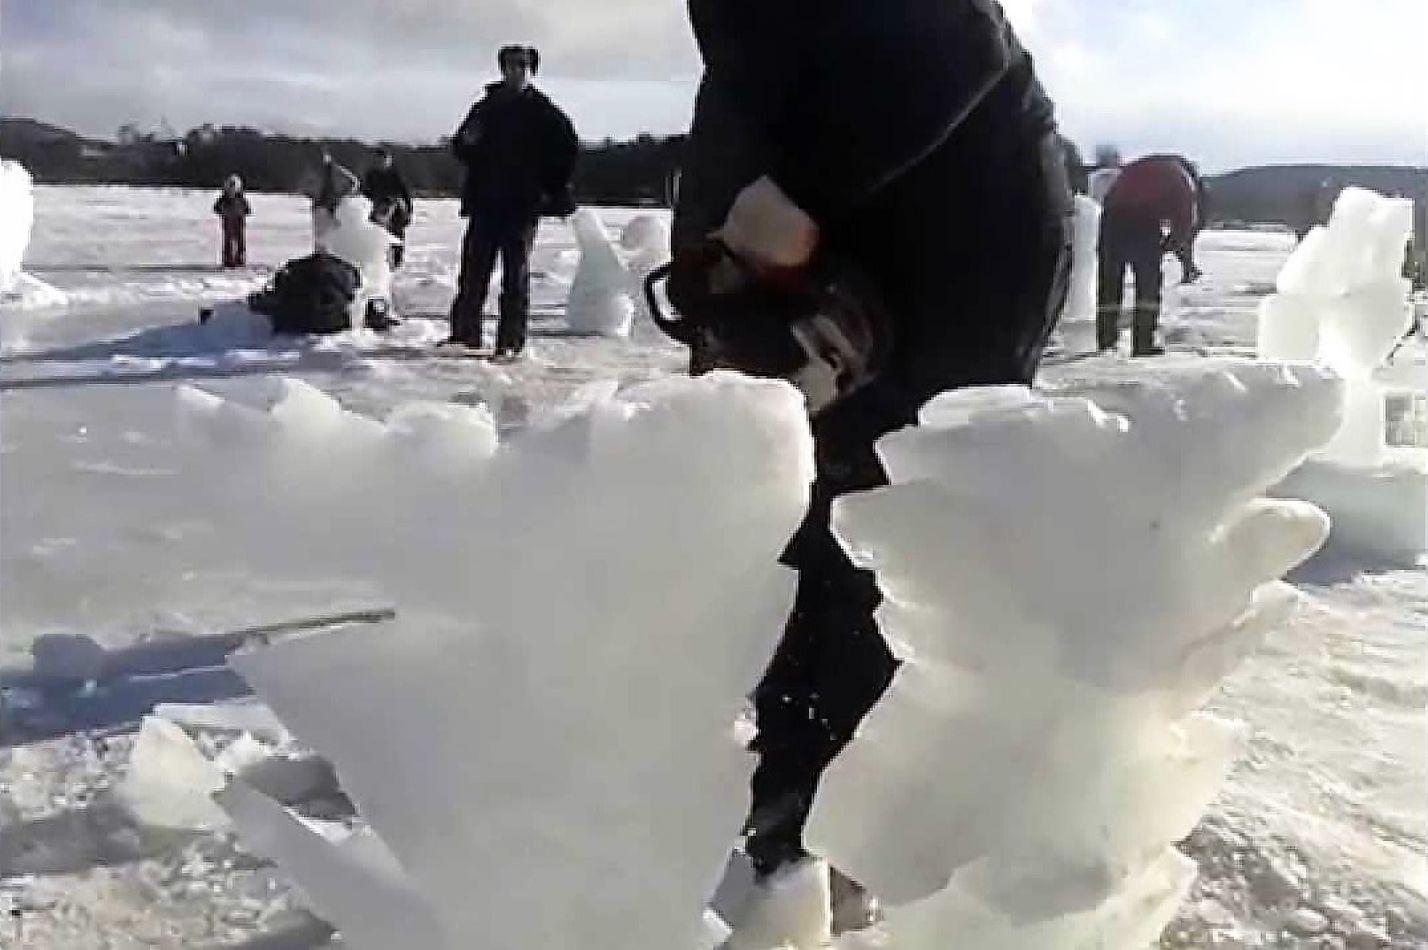 Se pospuso el encuentro de escultores de hielo.